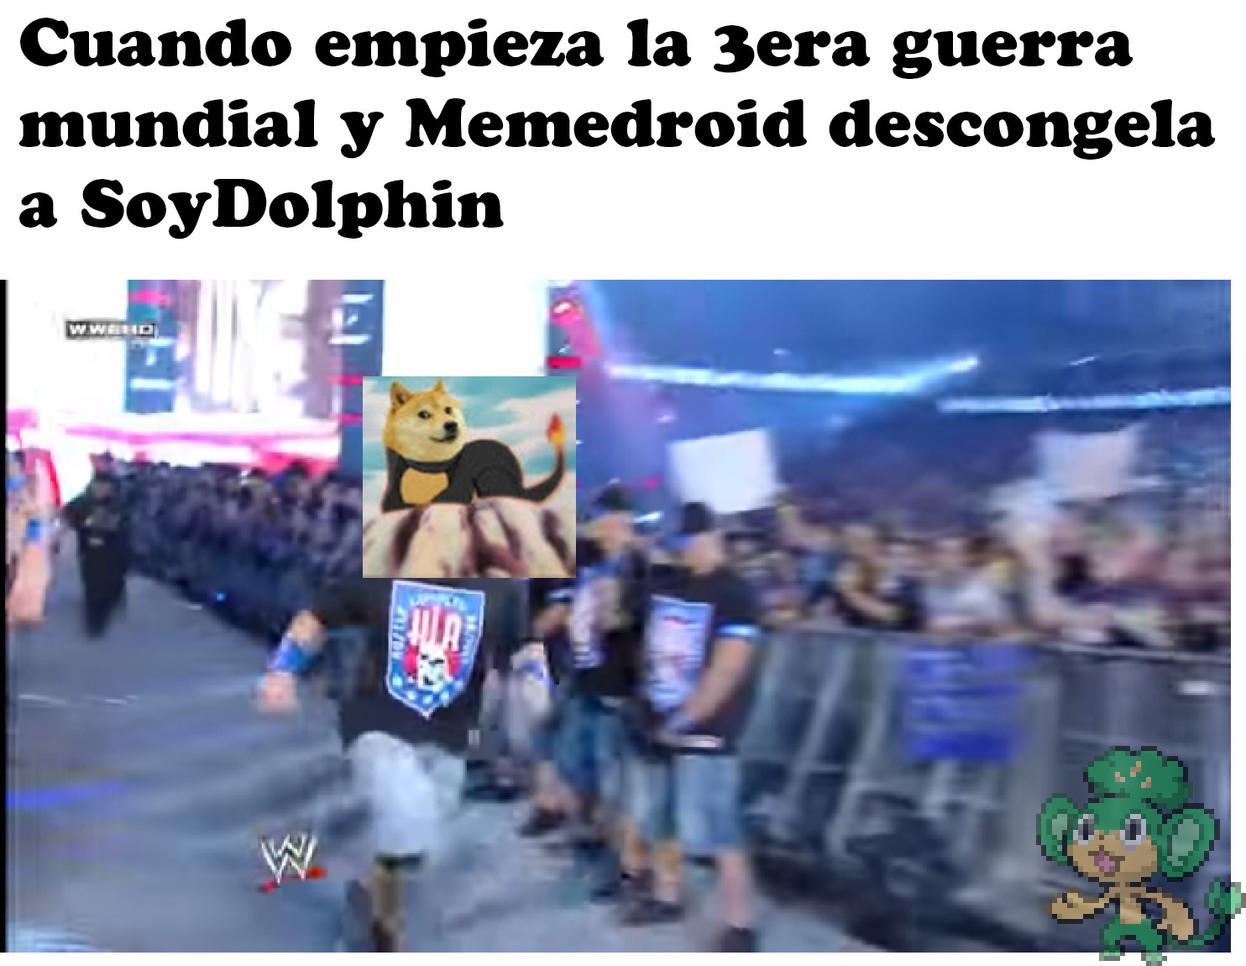 SoyDolphin - meme